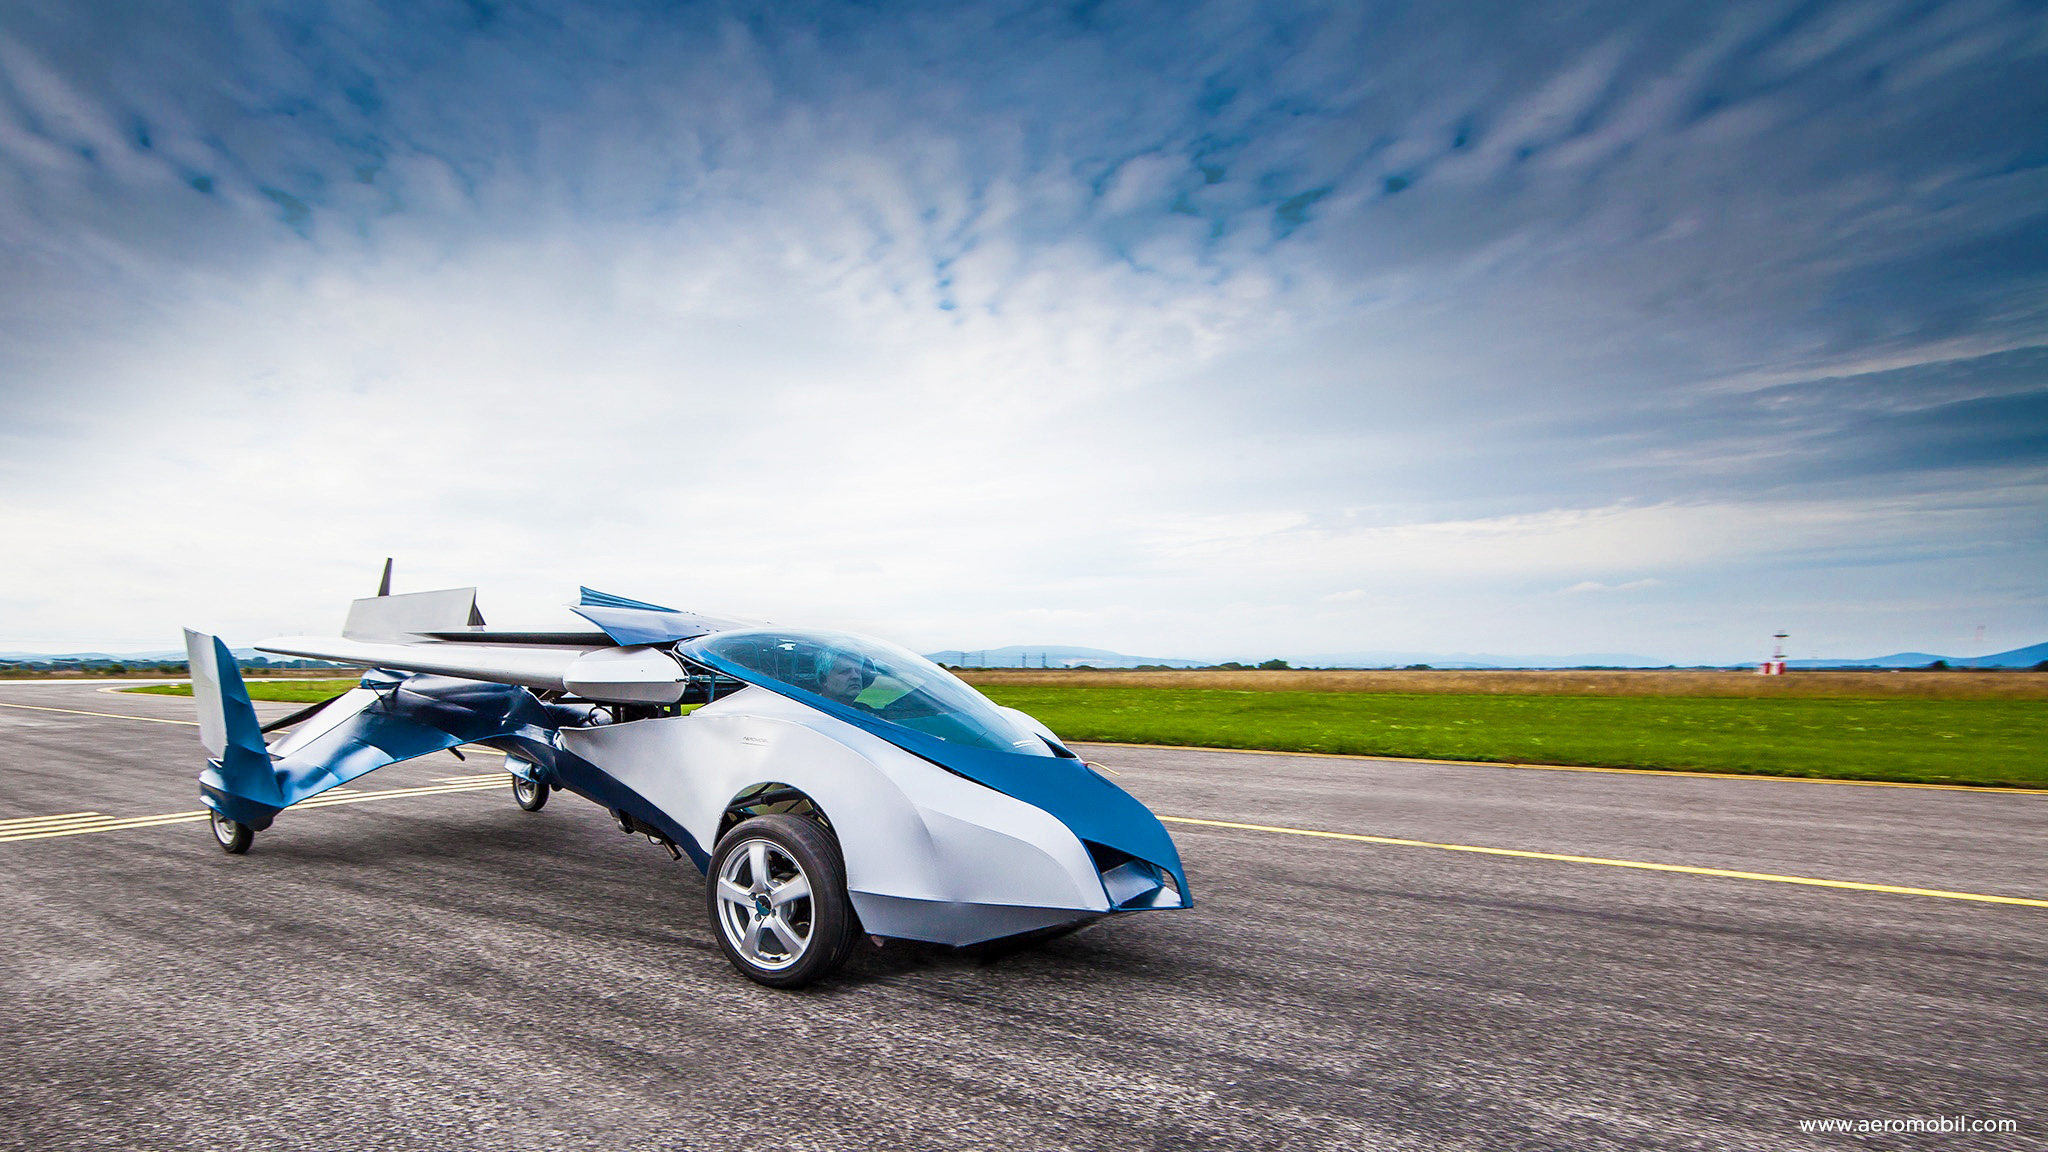 El aeromobil 2.5 es un invento checoslovaco